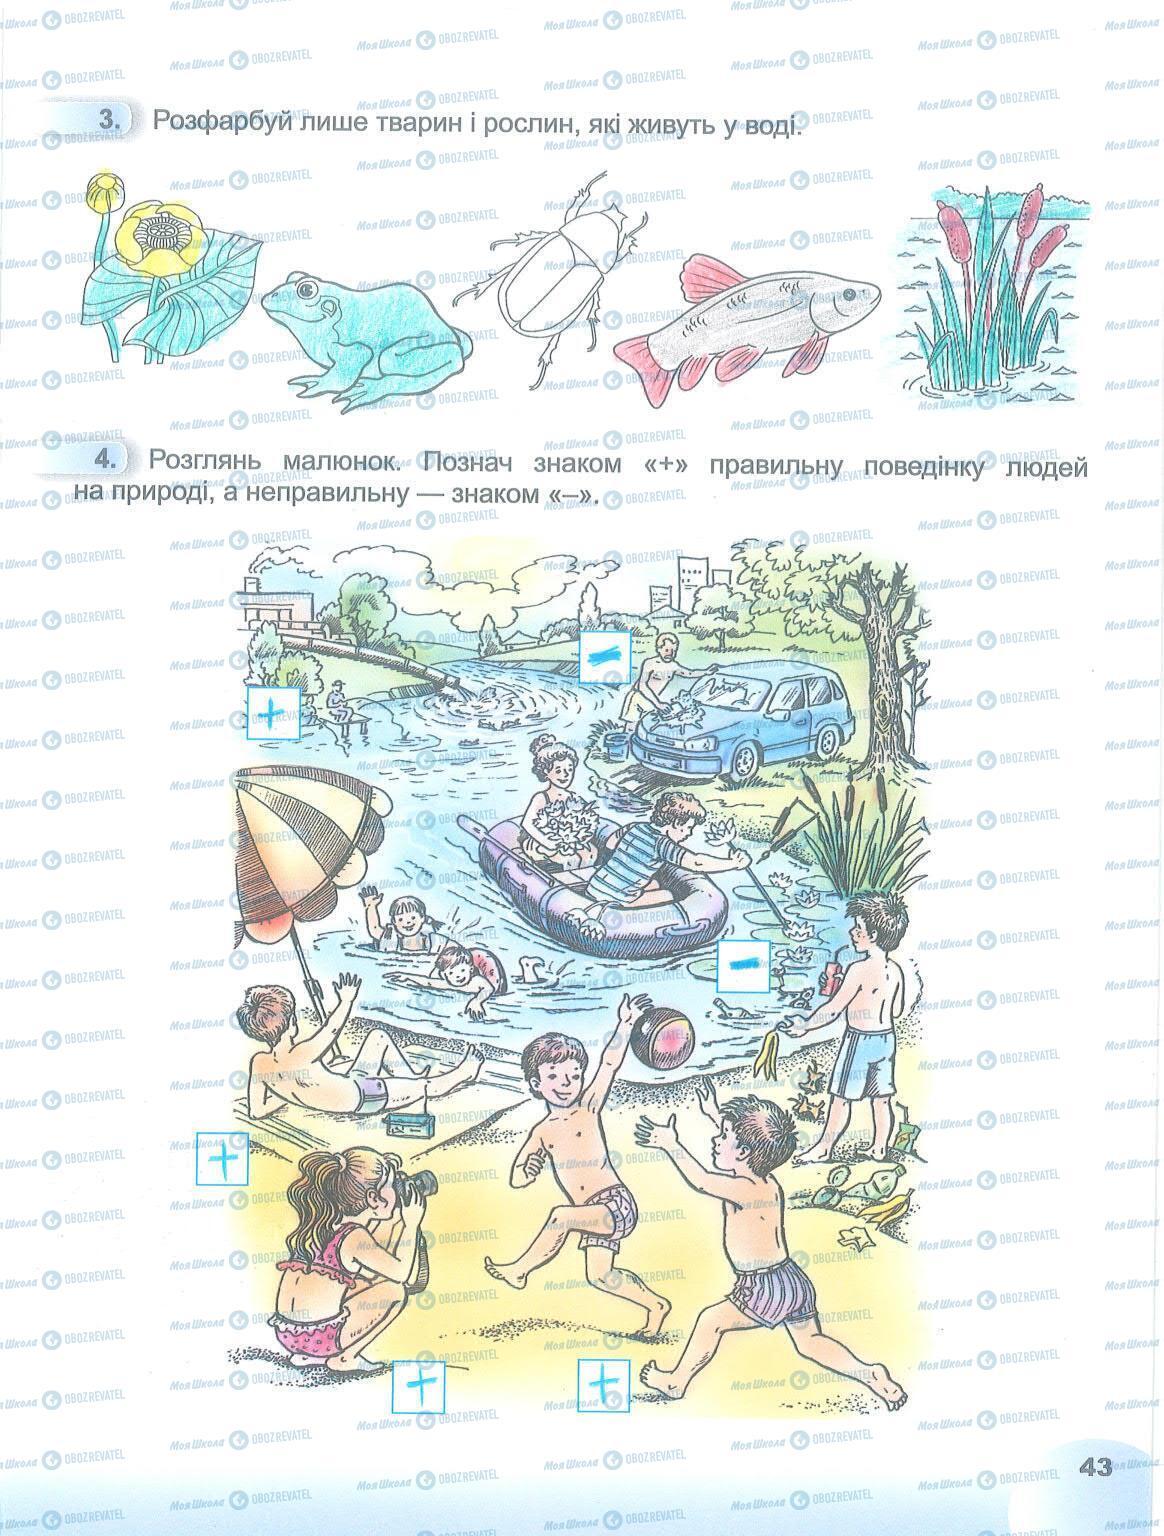 ГДЗ Я досліджую світ 1 клас сторінка 43